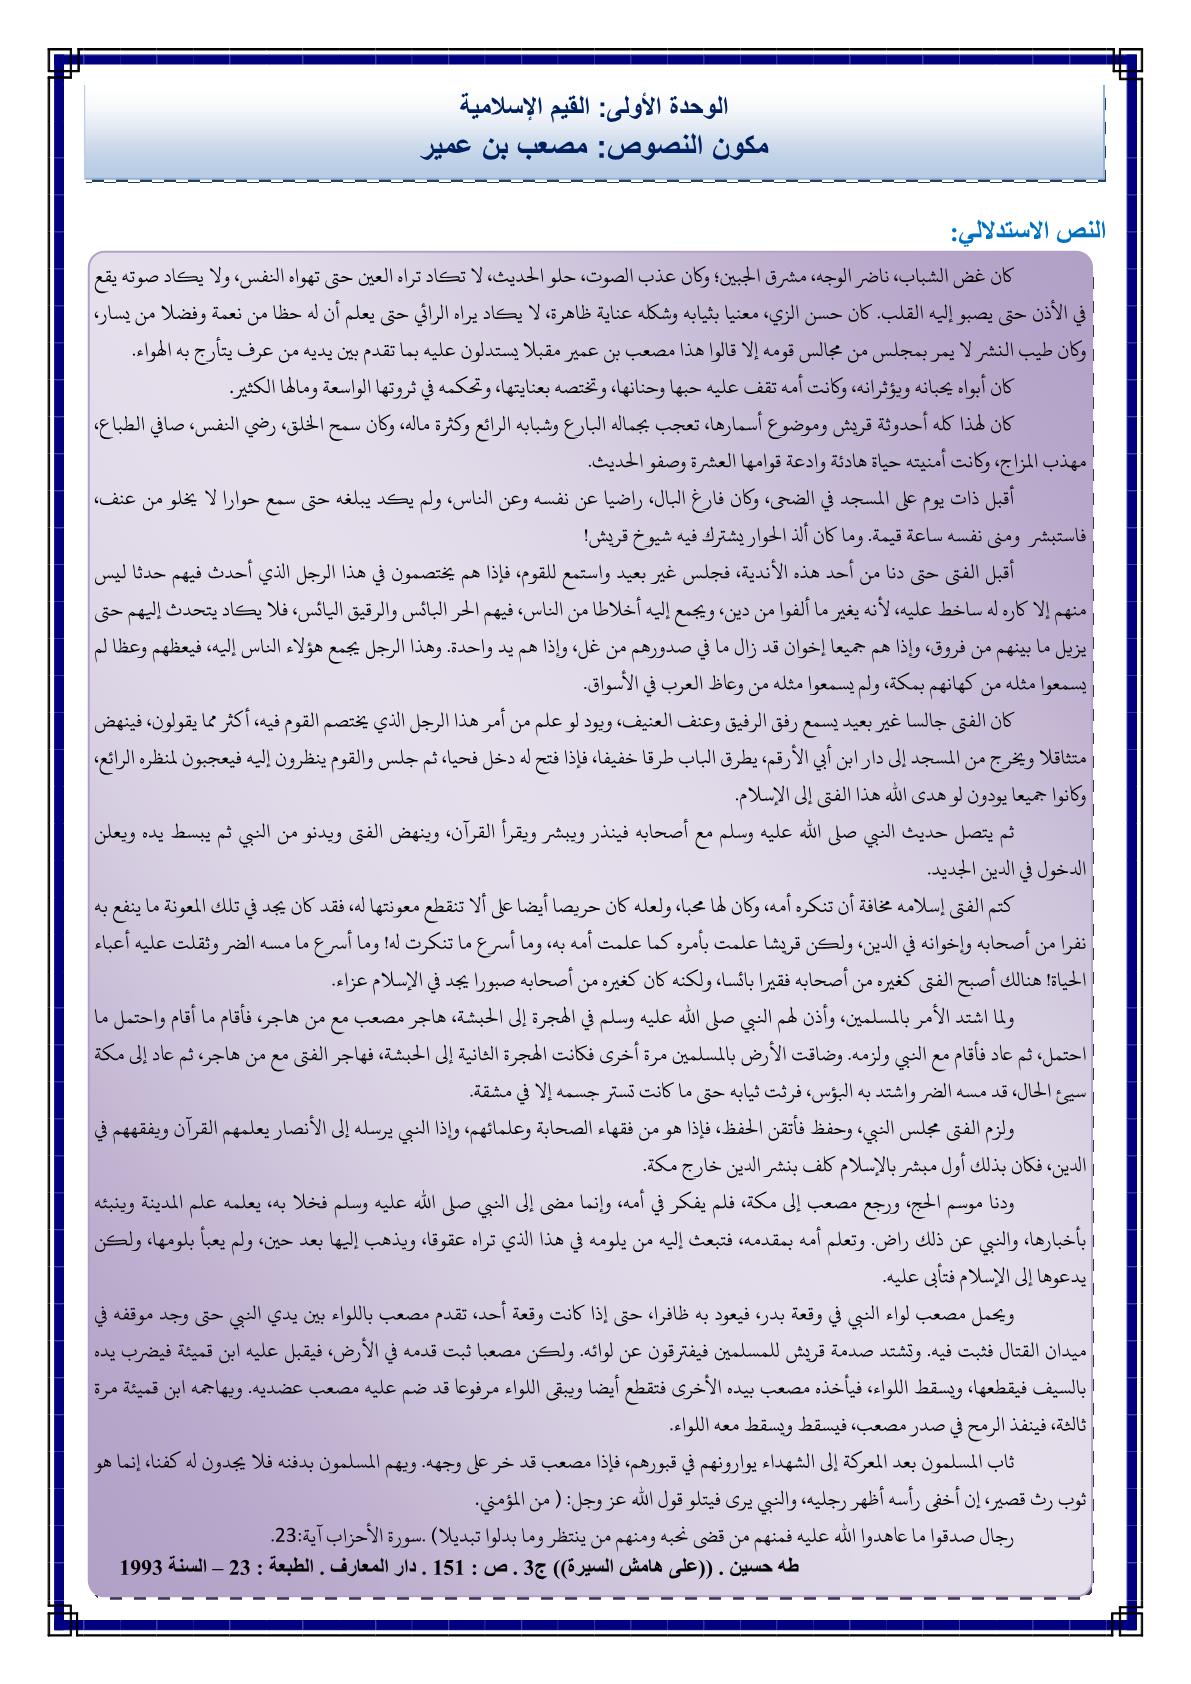 درس مصعب بن عمير مادة اللغة العربية للسنة الثانية اعدادي